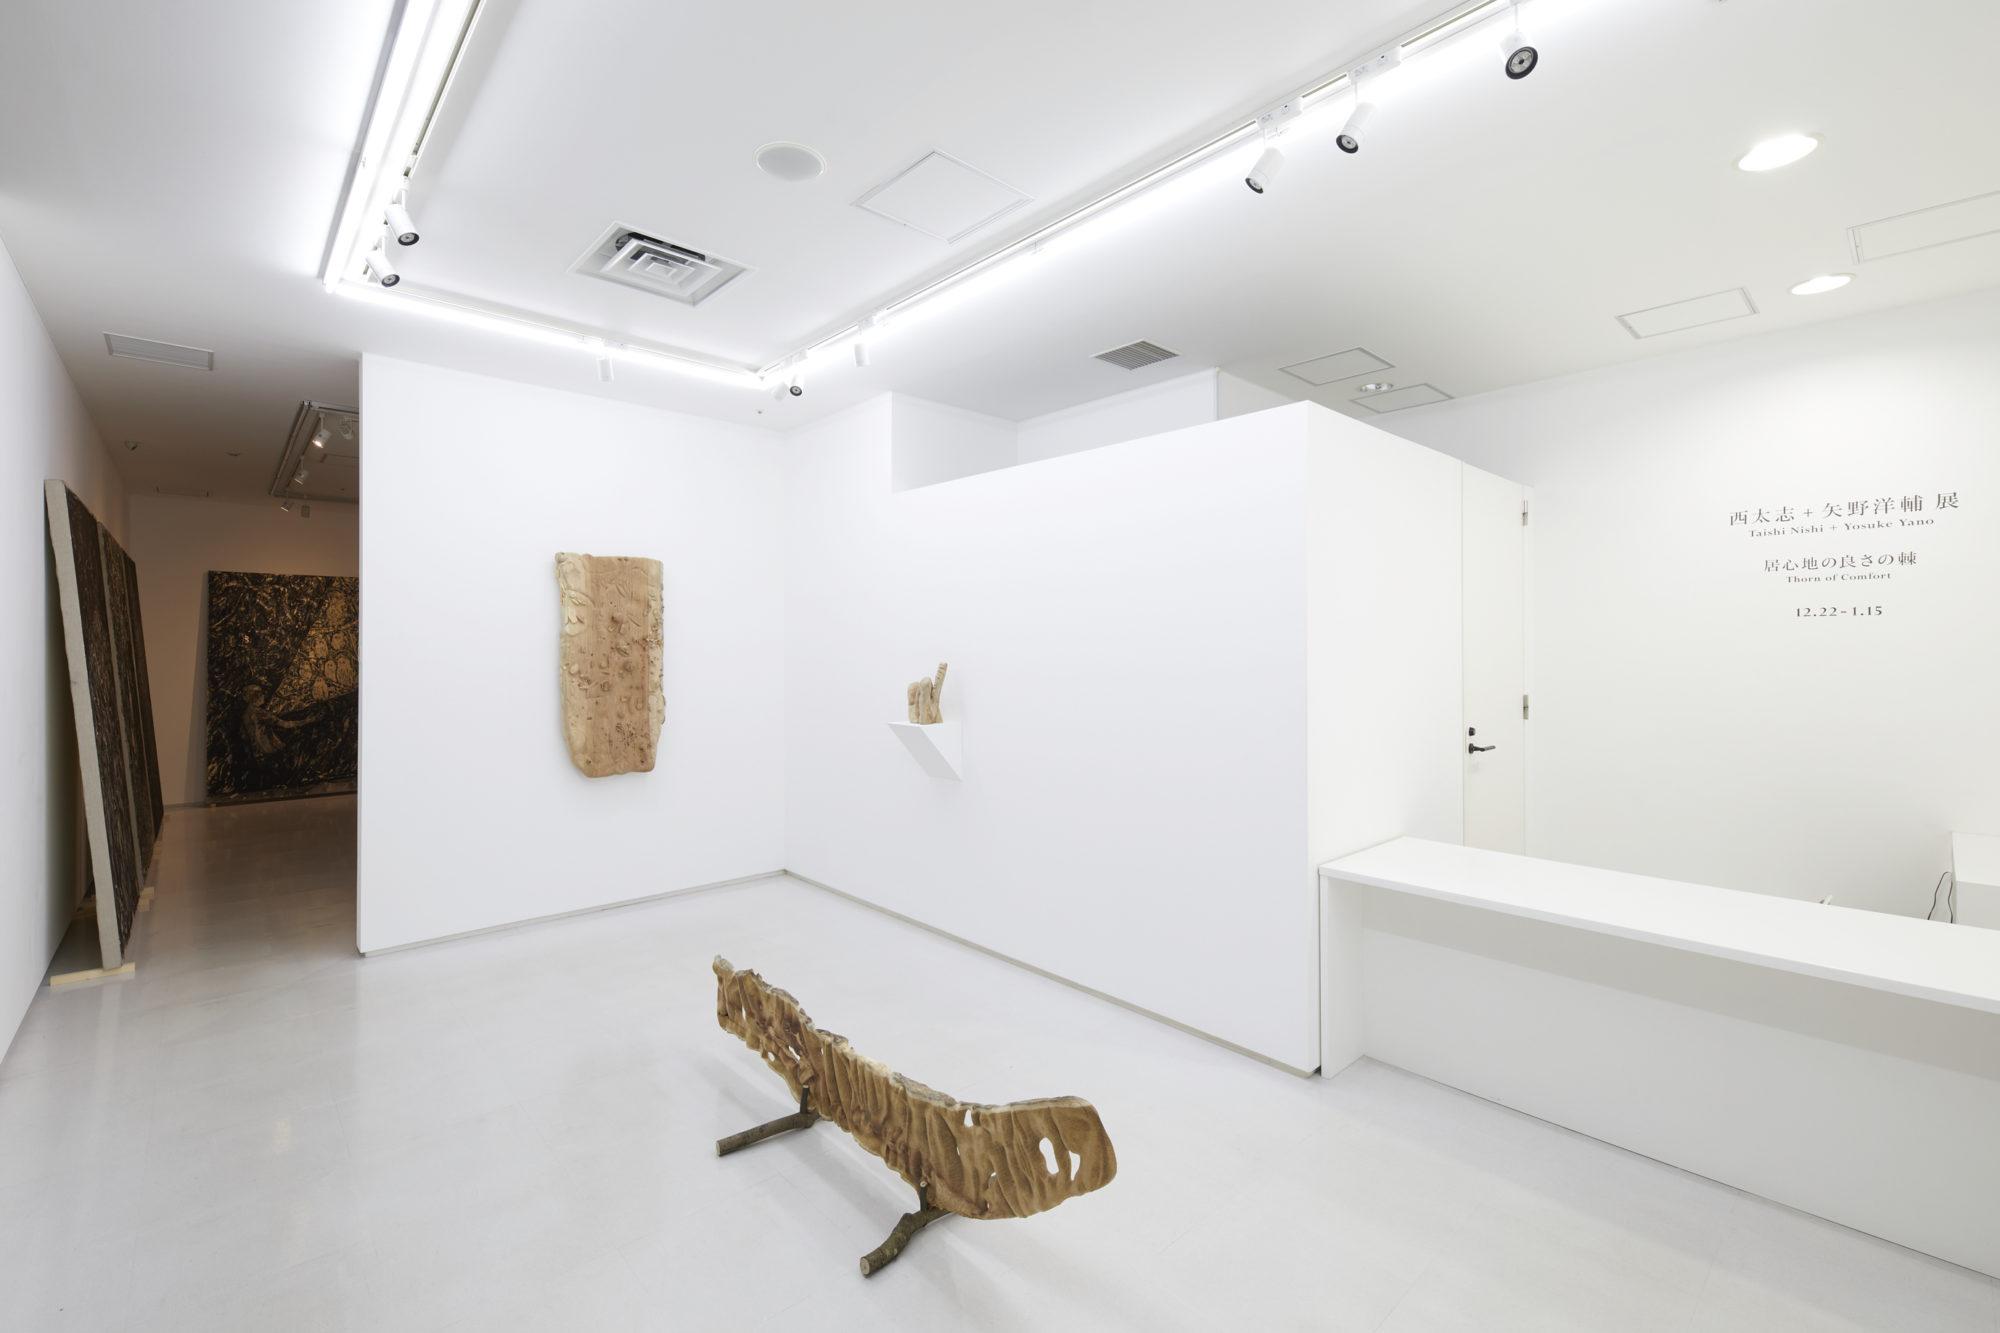 西太志 + 矢野洋輔展 「居心地の良さの棘」